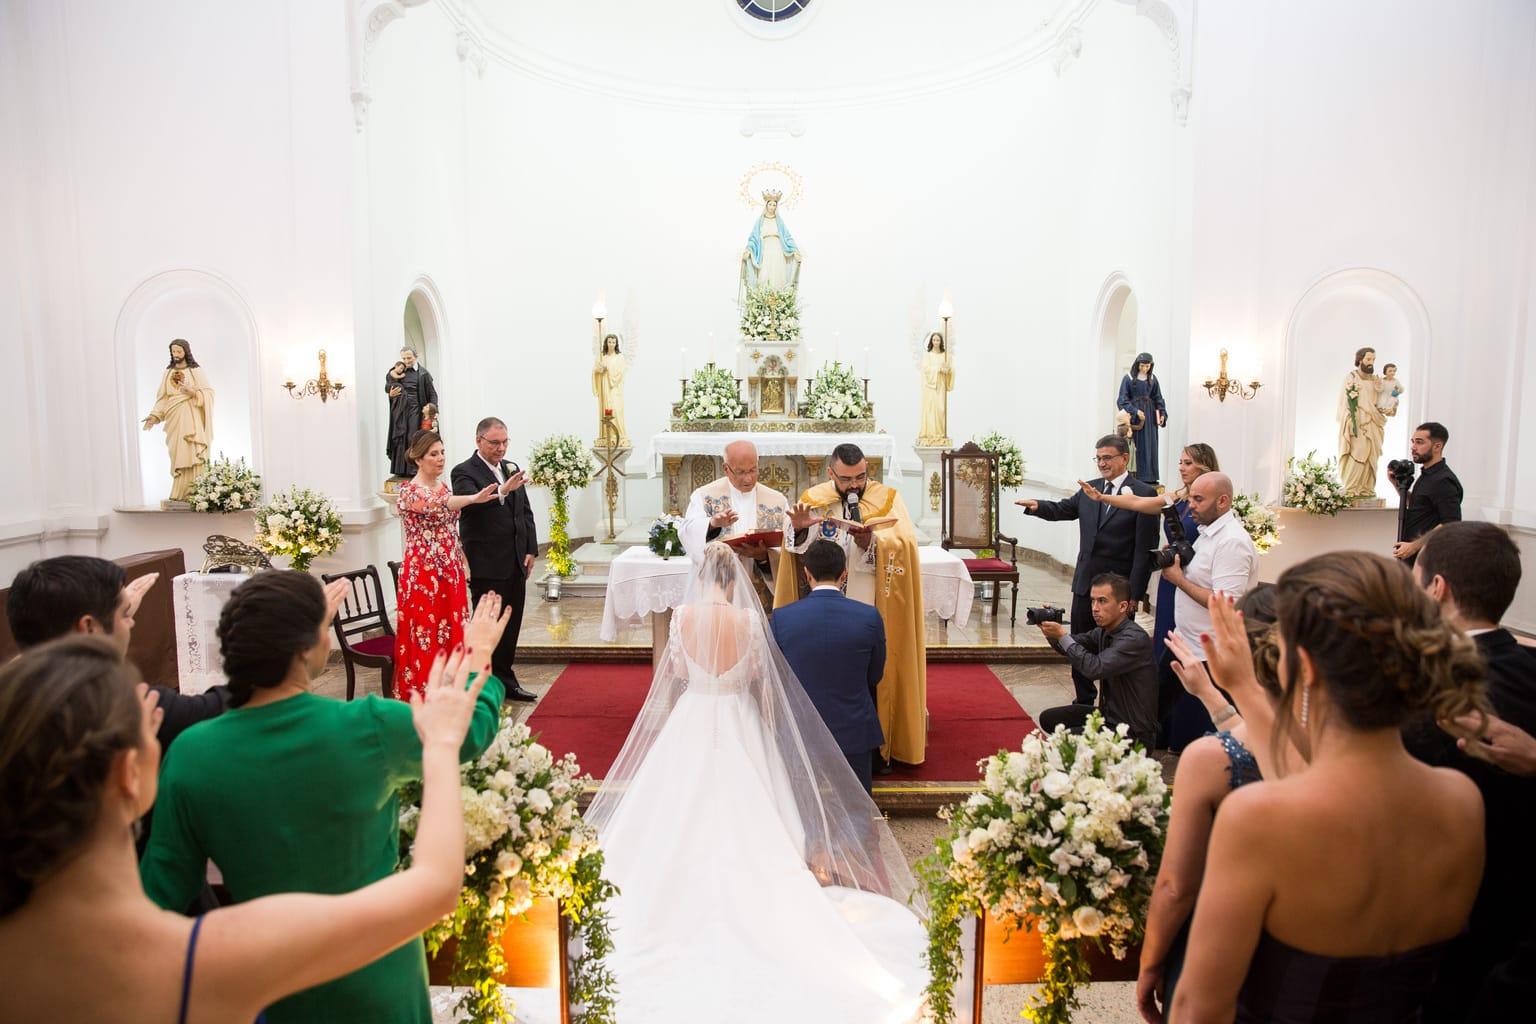 casamento-clássico-casamento-tradicional-rio-de-janeiro-niterói-Fotografia-Giovani-Garcia-casamento-Cássia-e-Daniel-16-1